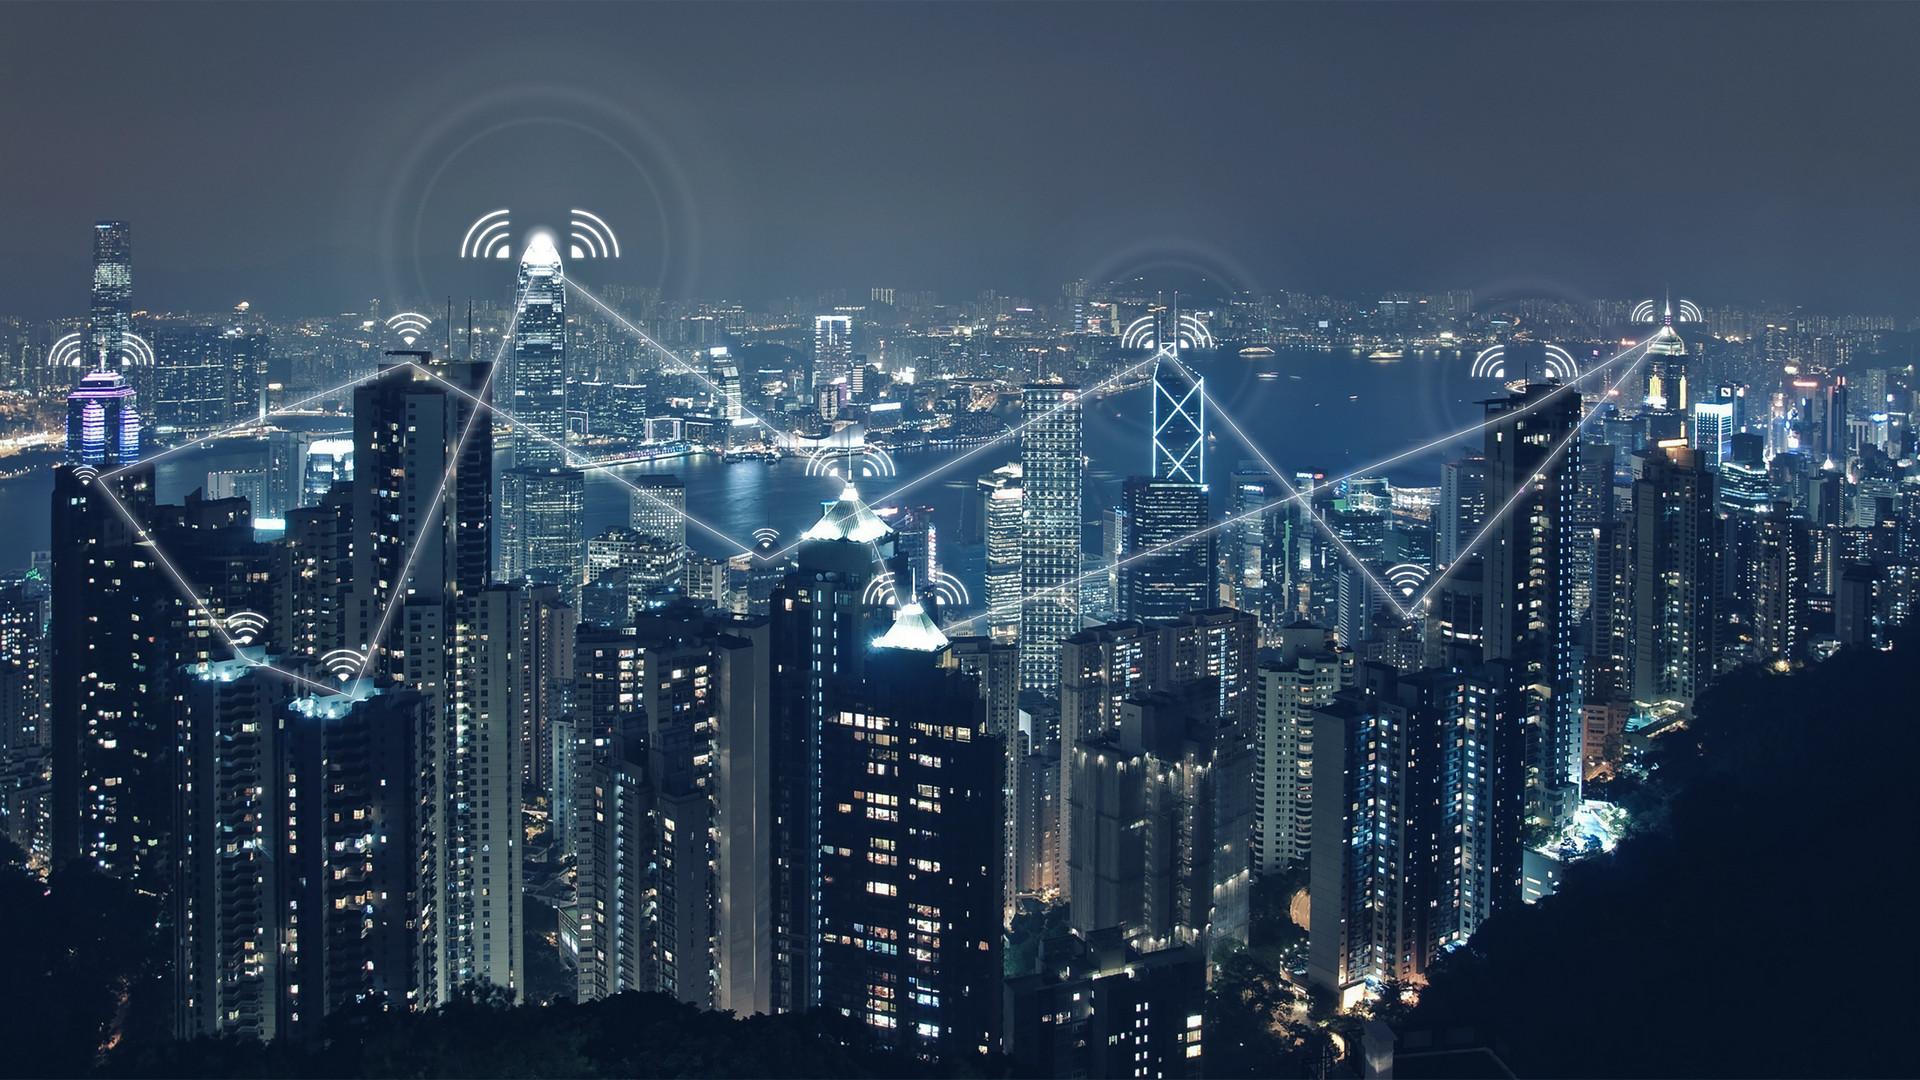 """双引擎战略指引,小米推进构建""""5G+AIoT""""超级互联网"""